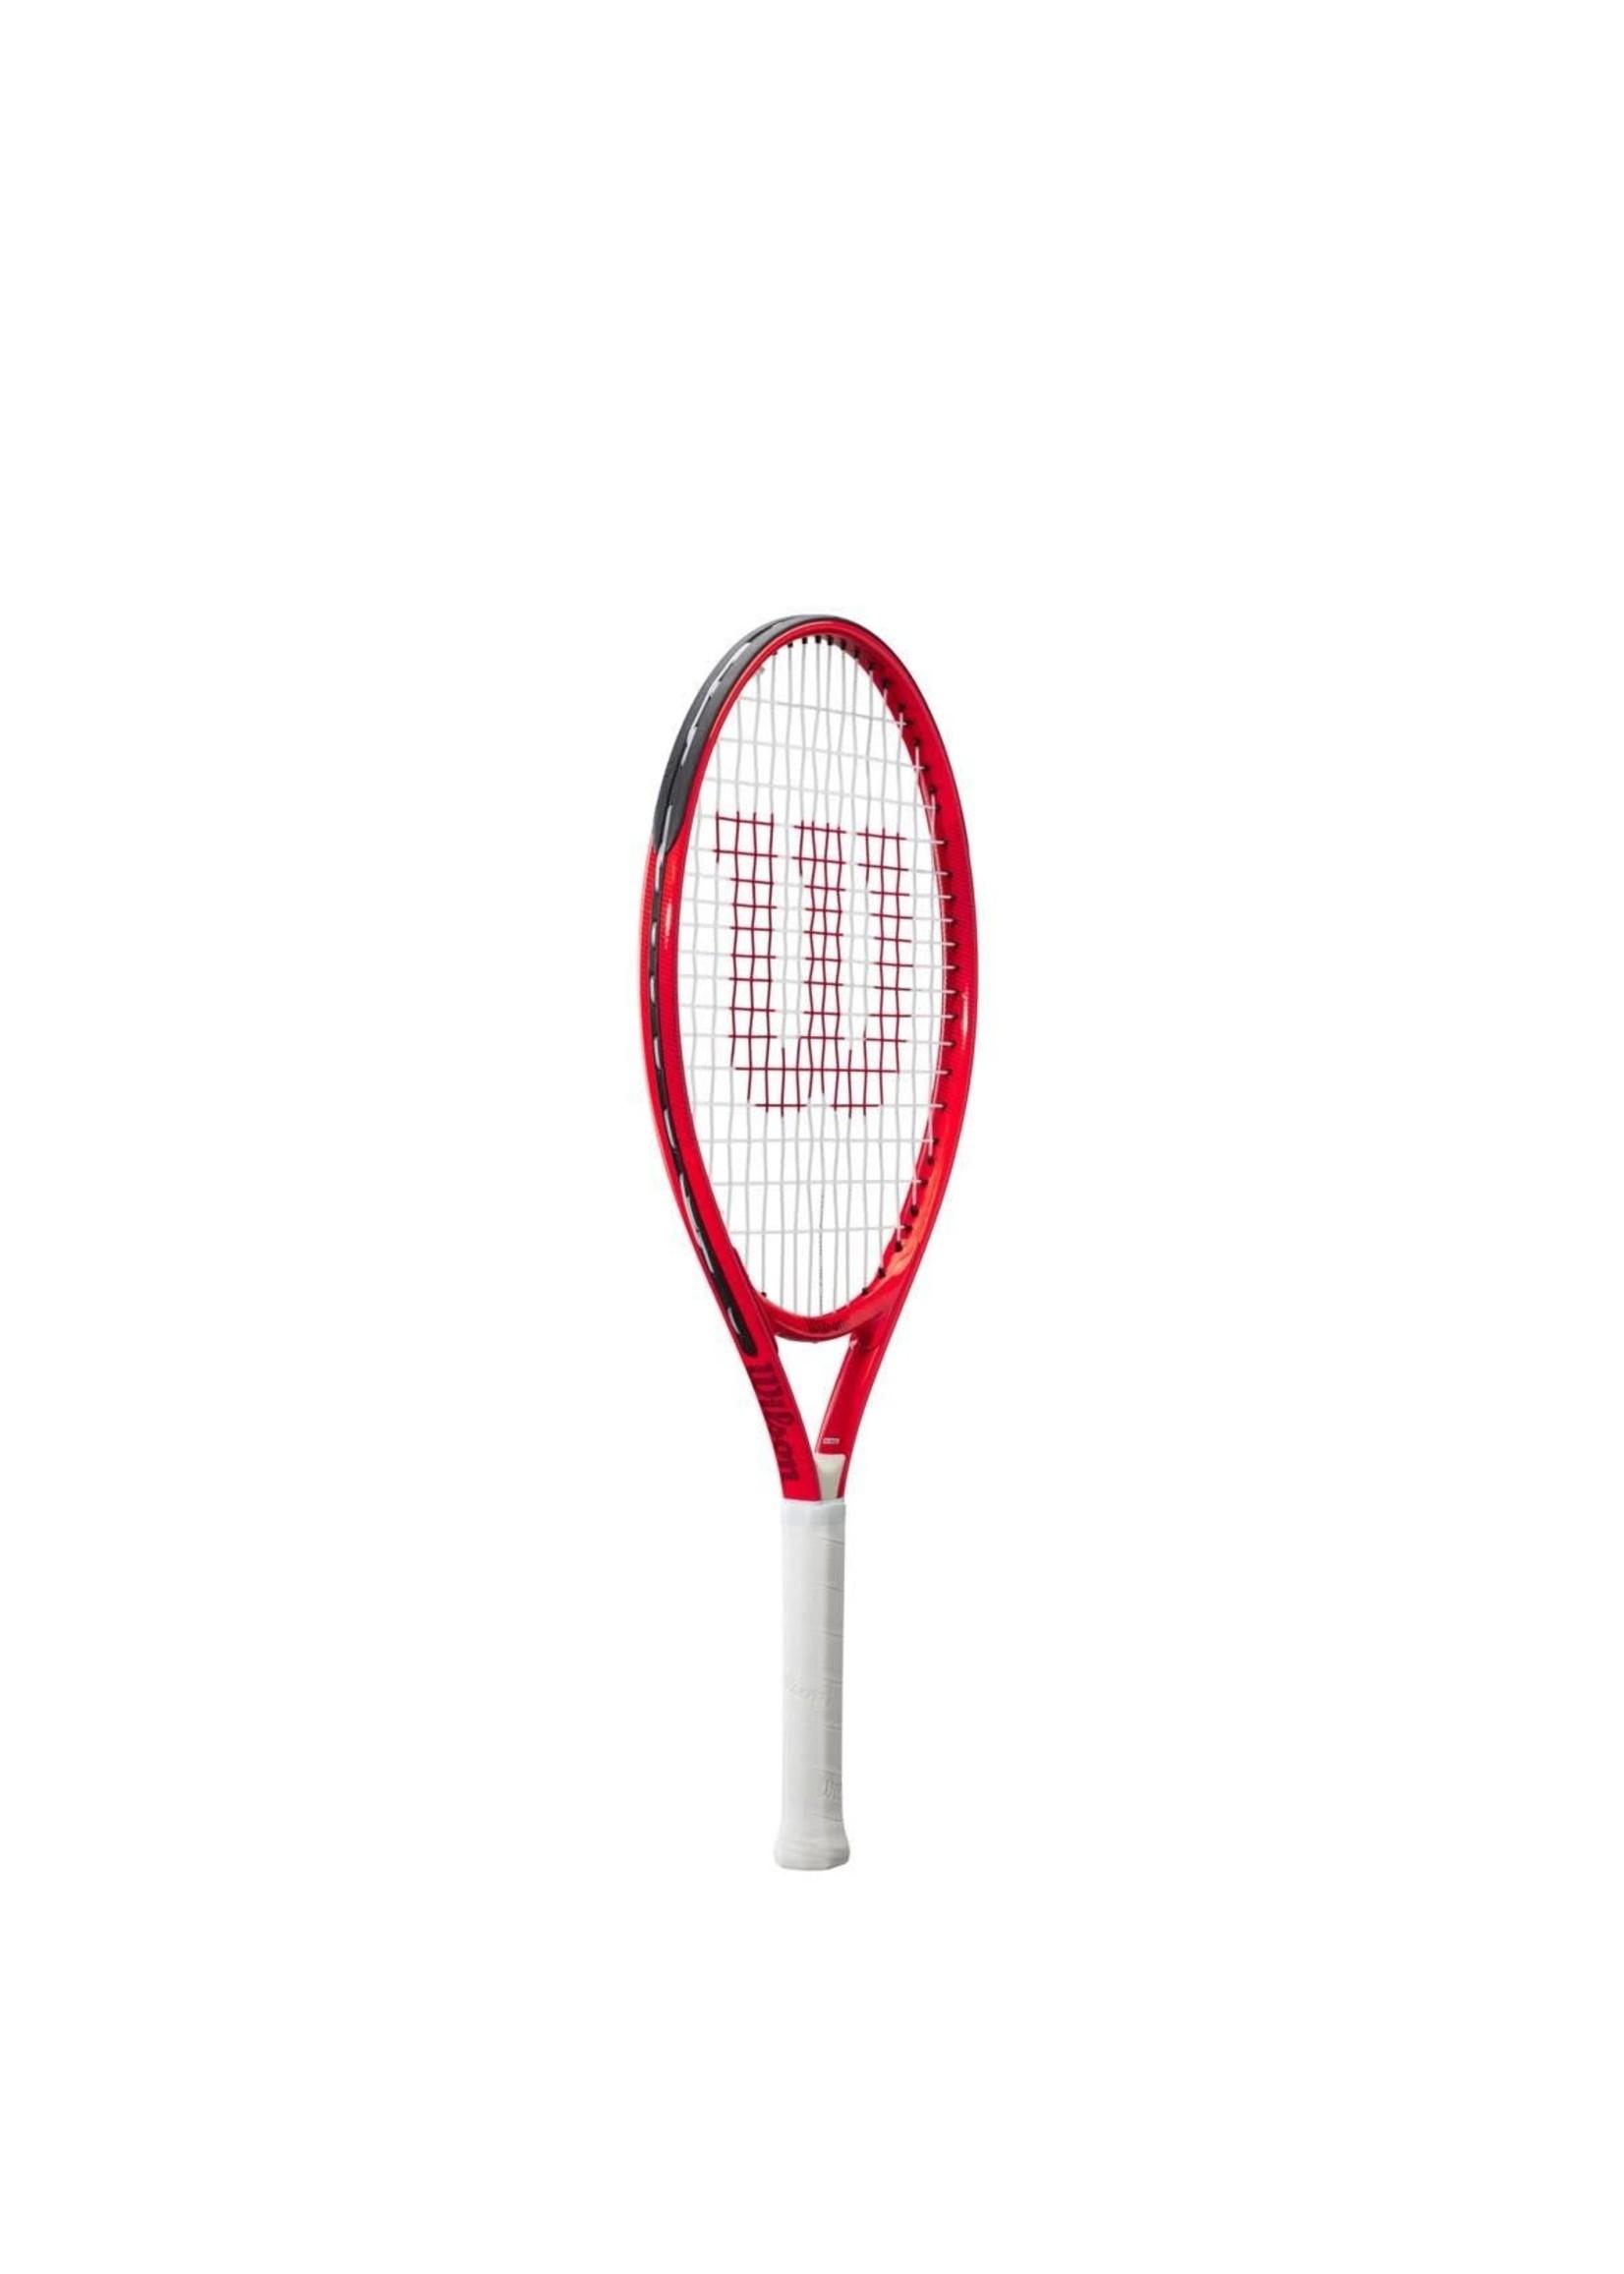 Wilson Wilson Roger Federer Junior Tennis Racket (2021)